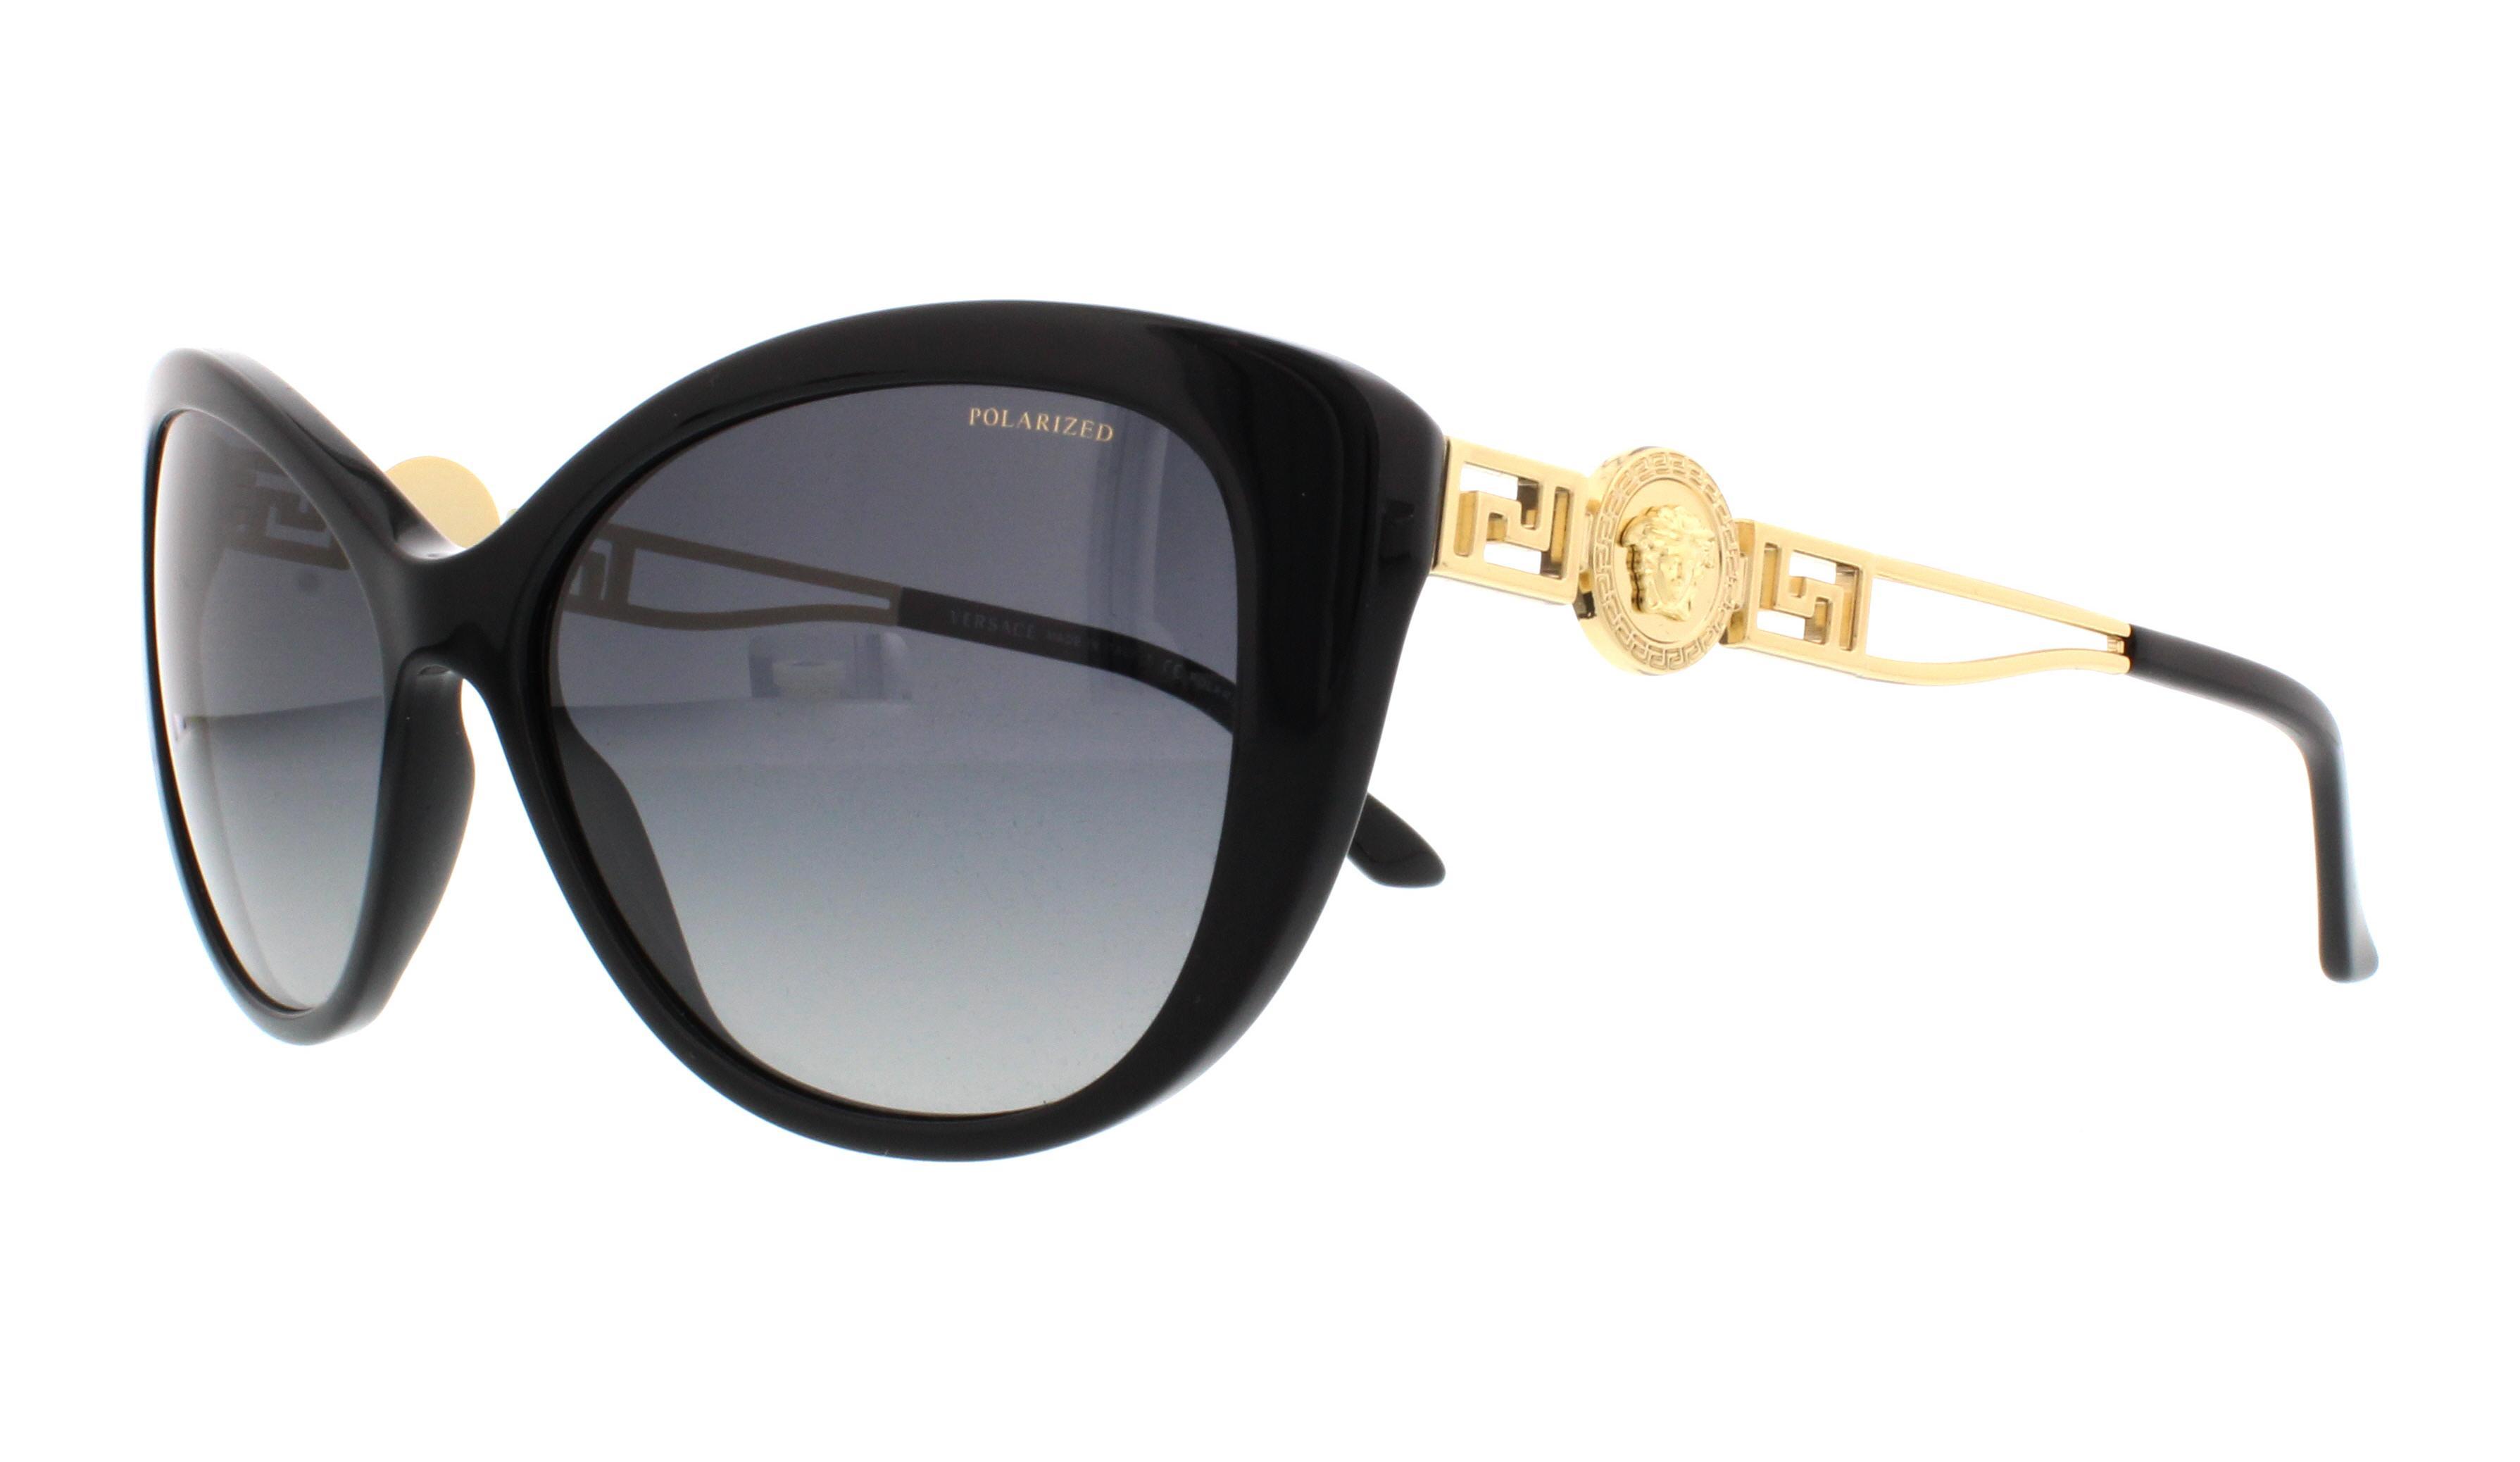 sol 57mm Ve4295 Versace de Gb1t3 Gafas Negro 0n5Yfqtx